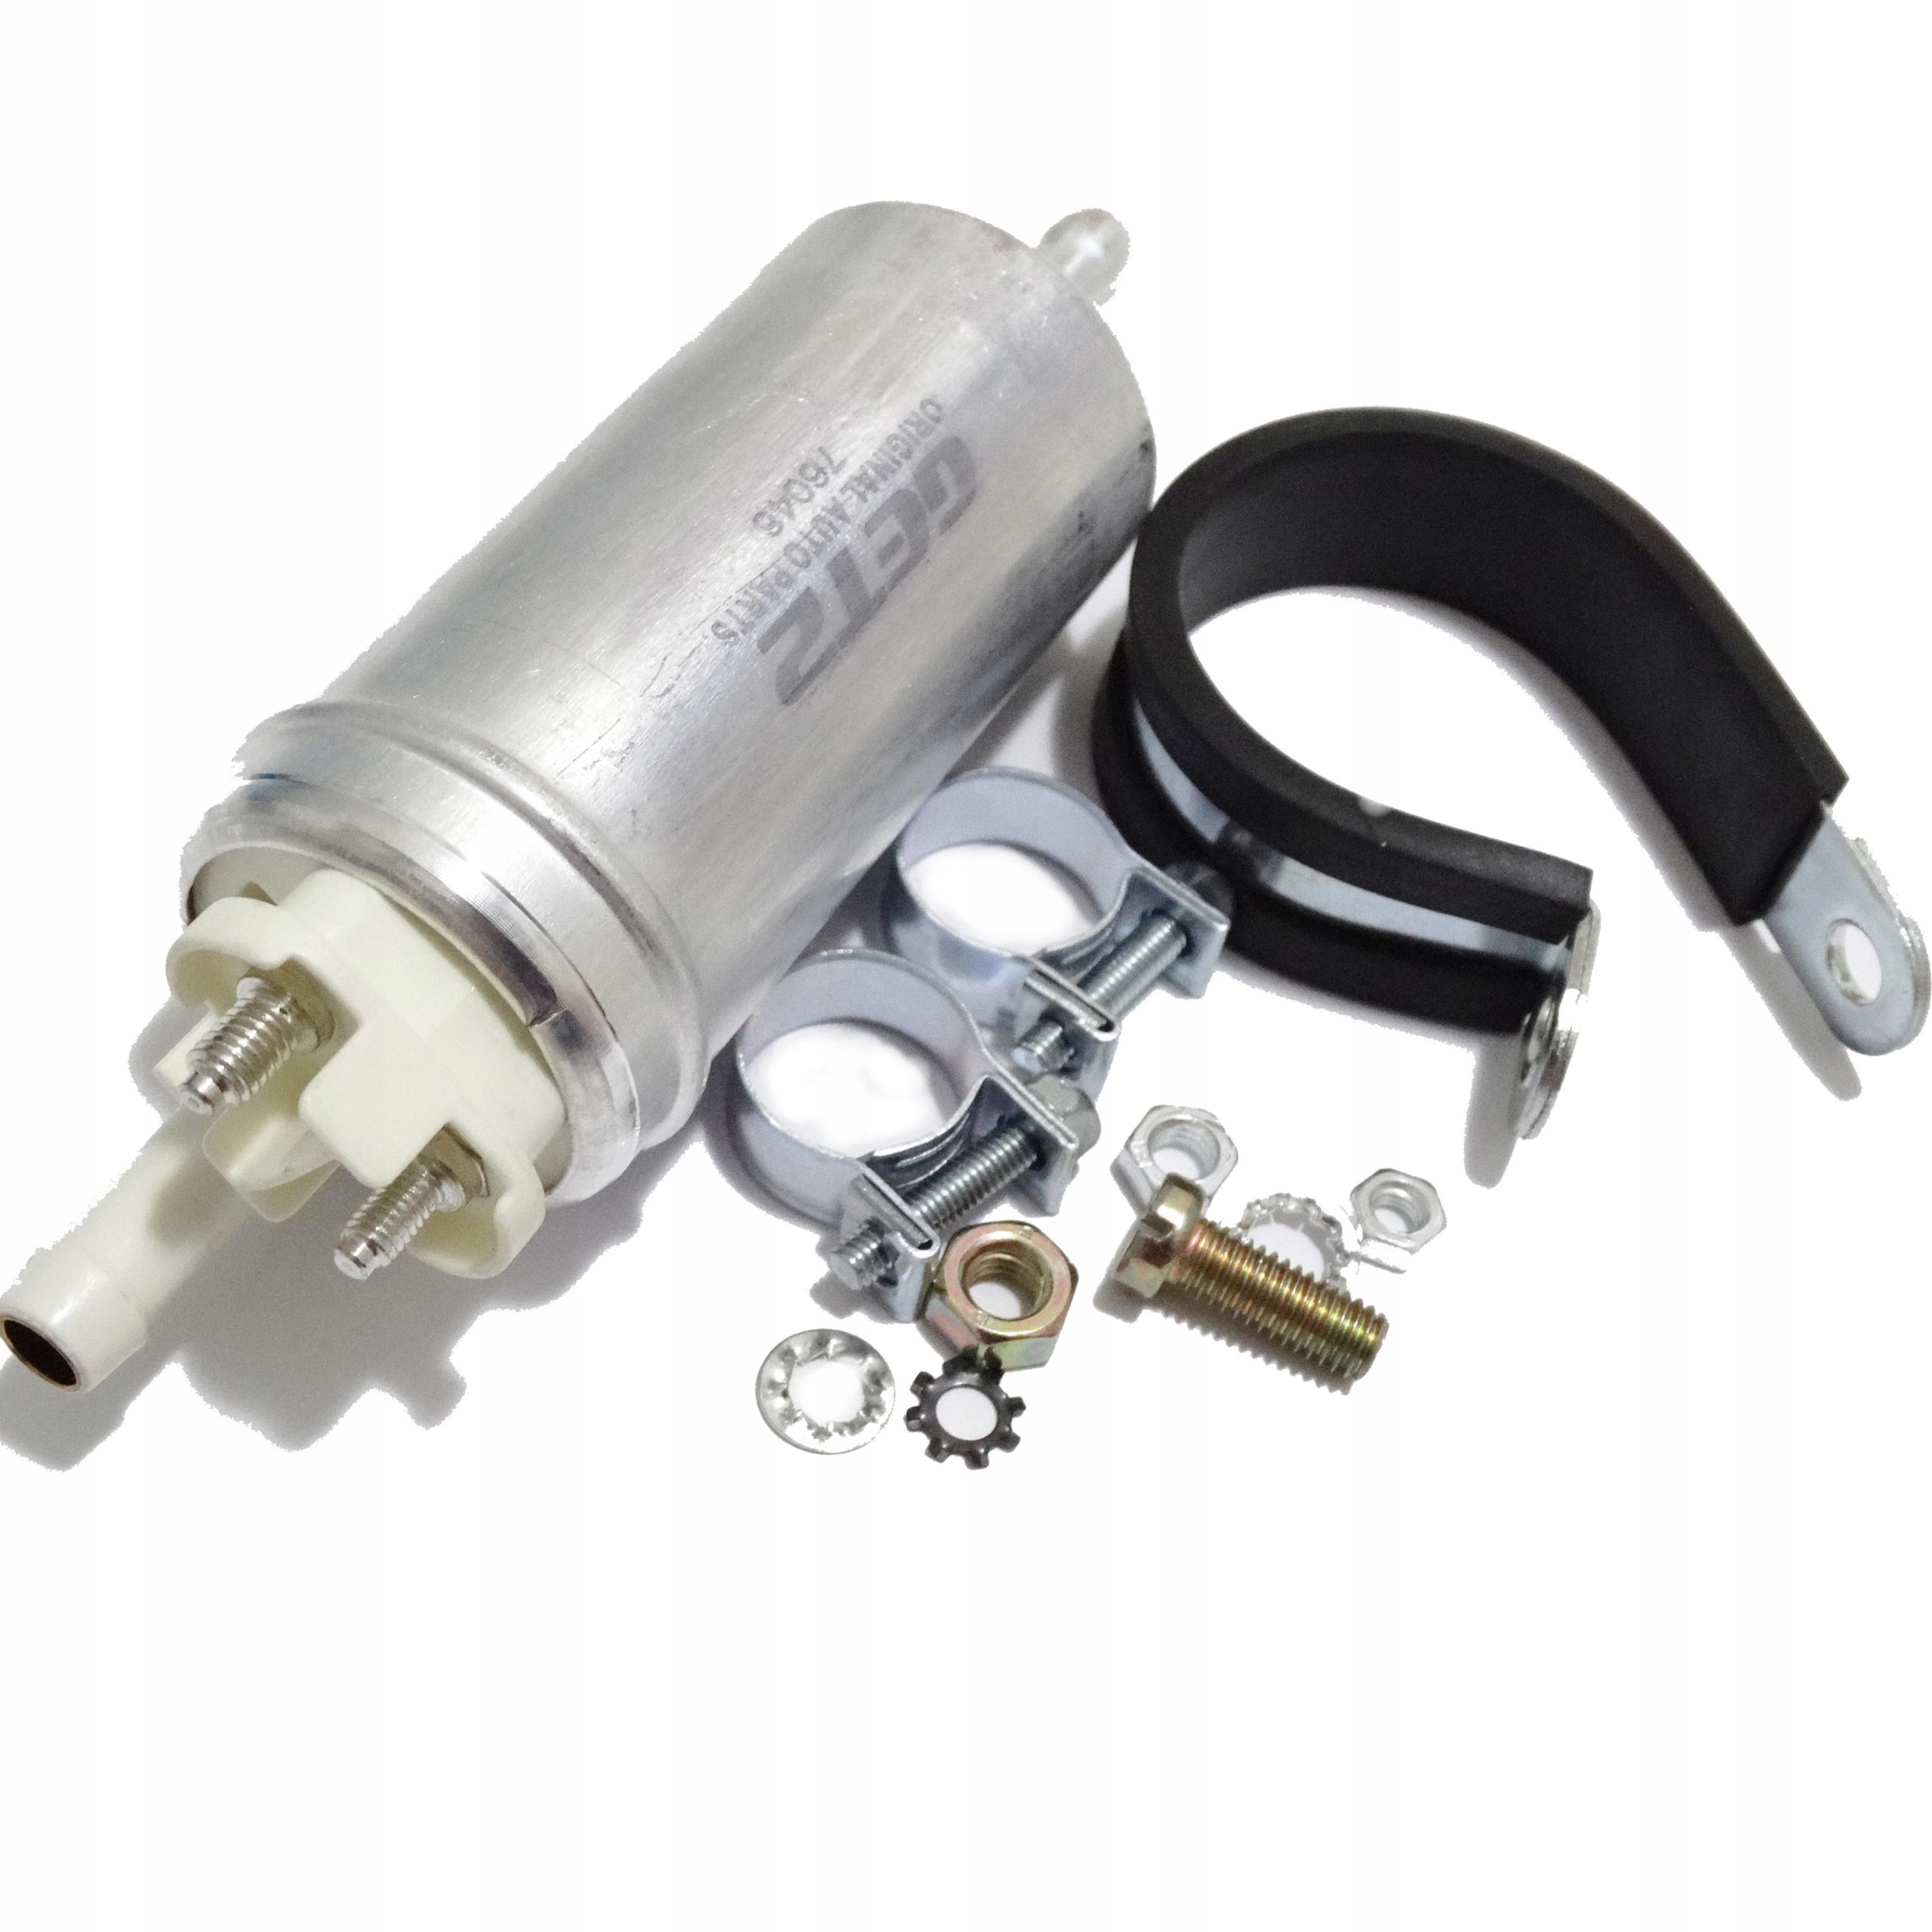 универсальная насос топлива внешний дизель 0.2 bar